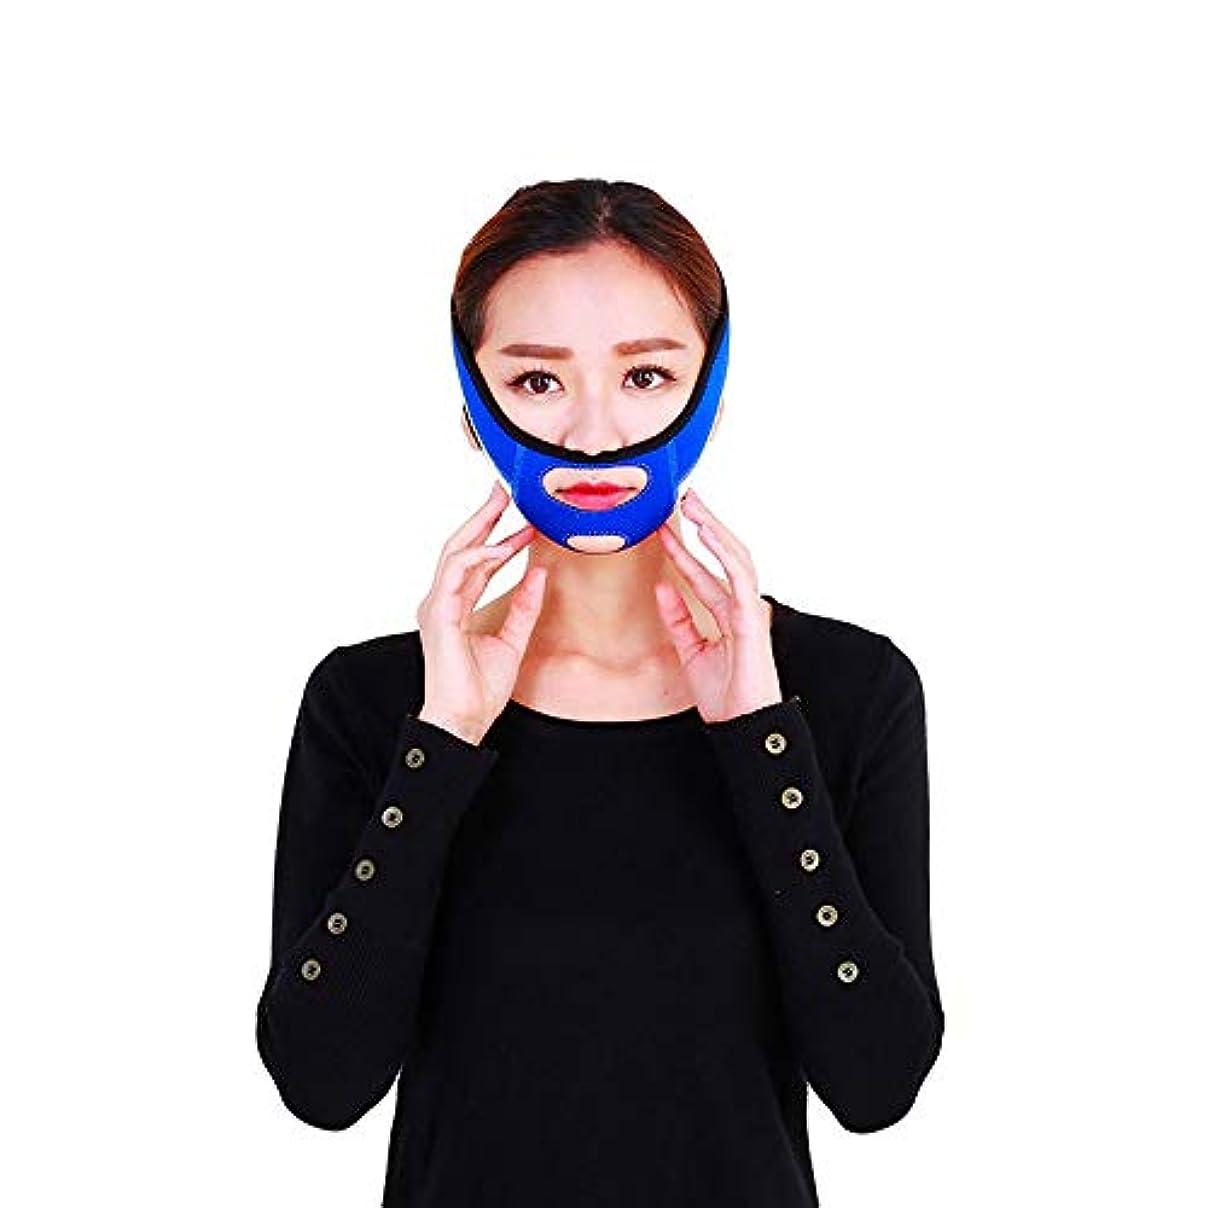 哀れなかろうじて混沌XINGZHE フェイシャルリフティング痩身ベルトフェーススリム二重あごを取り除くアンチエイジングリンクルフェイス包帯マスク整形マスクが顔を引き締める フェイスリフティングベルト